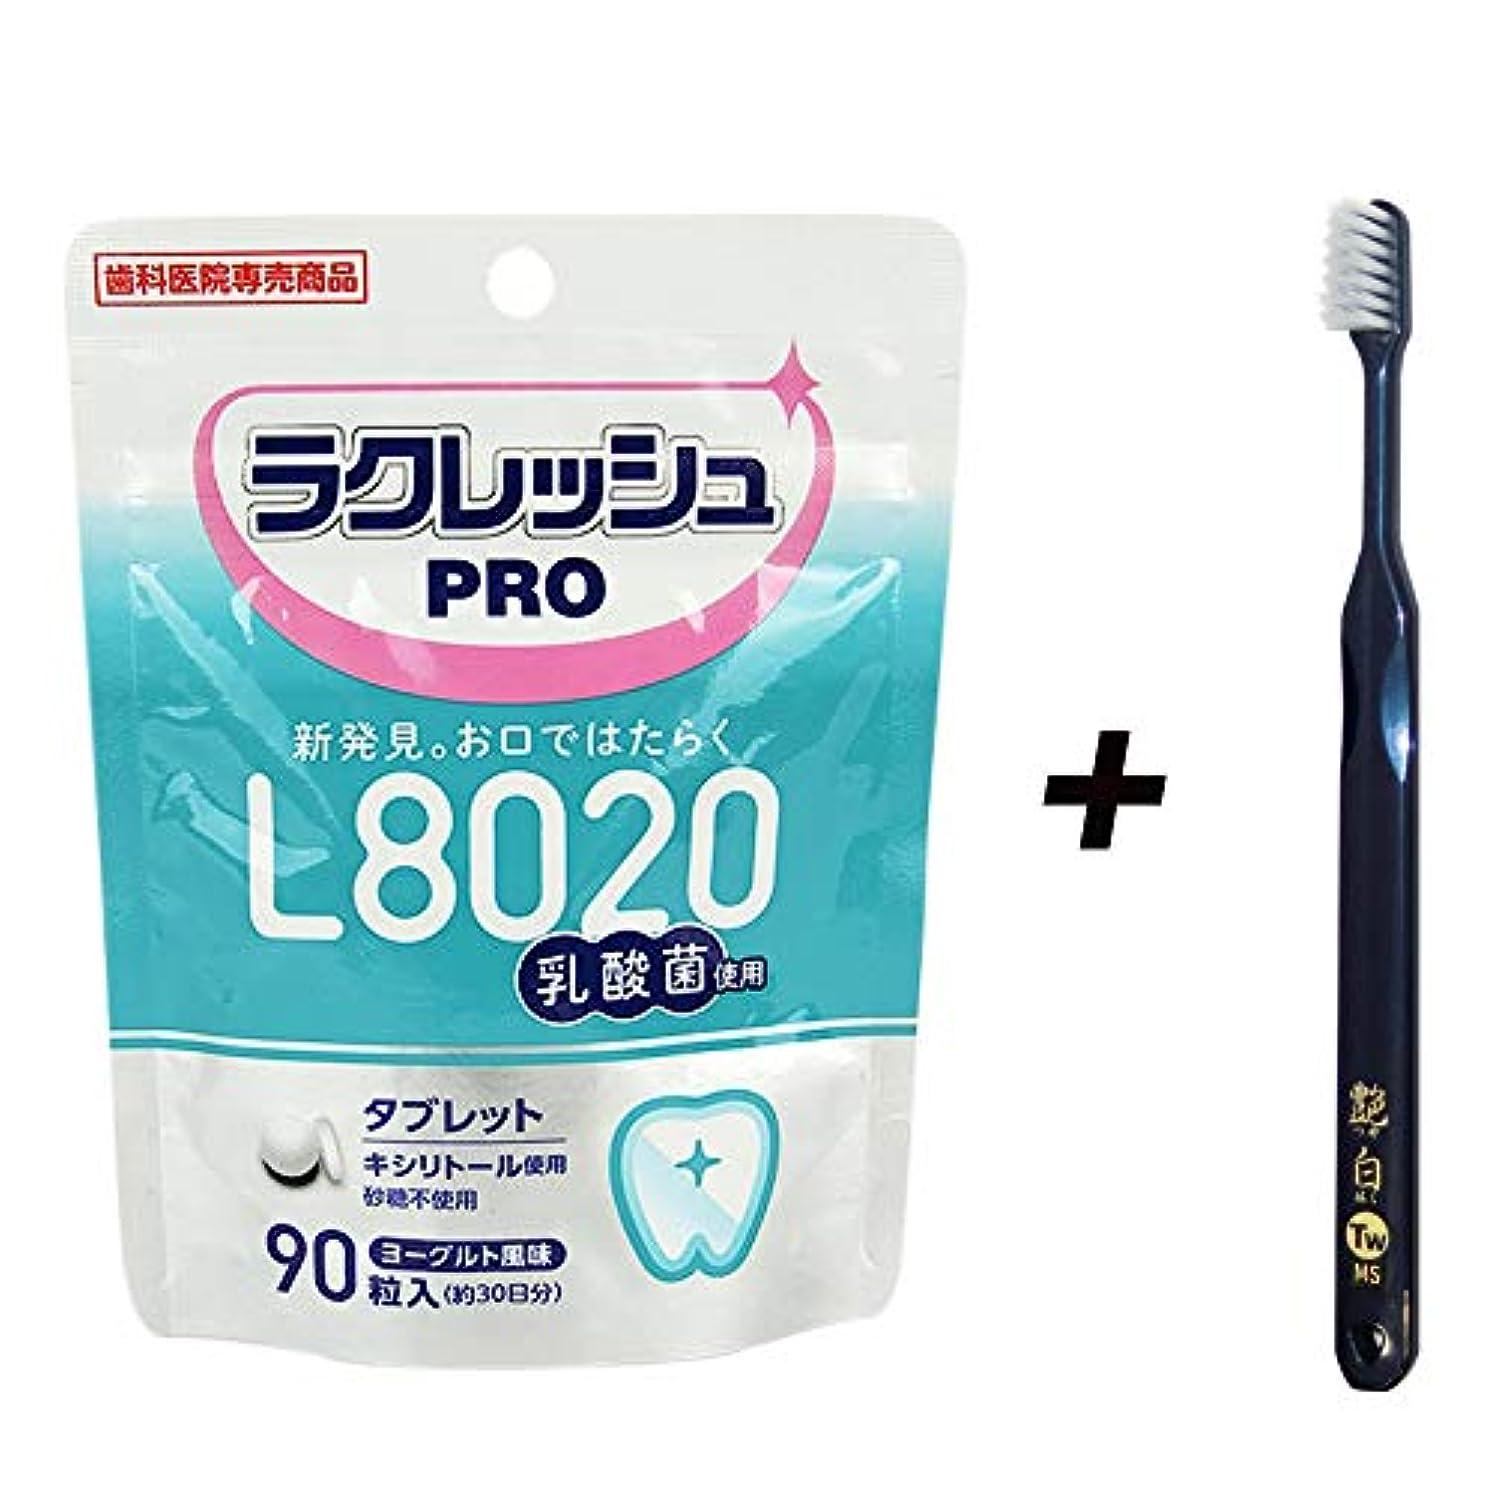 顕微鏡審判レクリエーションL8020 乳酸菌 ラクレッシュ PRO タブレット 90粒×1袋 + 日本製歯ブラシ 艶白(つやはく)ツイン ハブラシ 1本 MS(やややわらかめ) 歯科医院取扱品